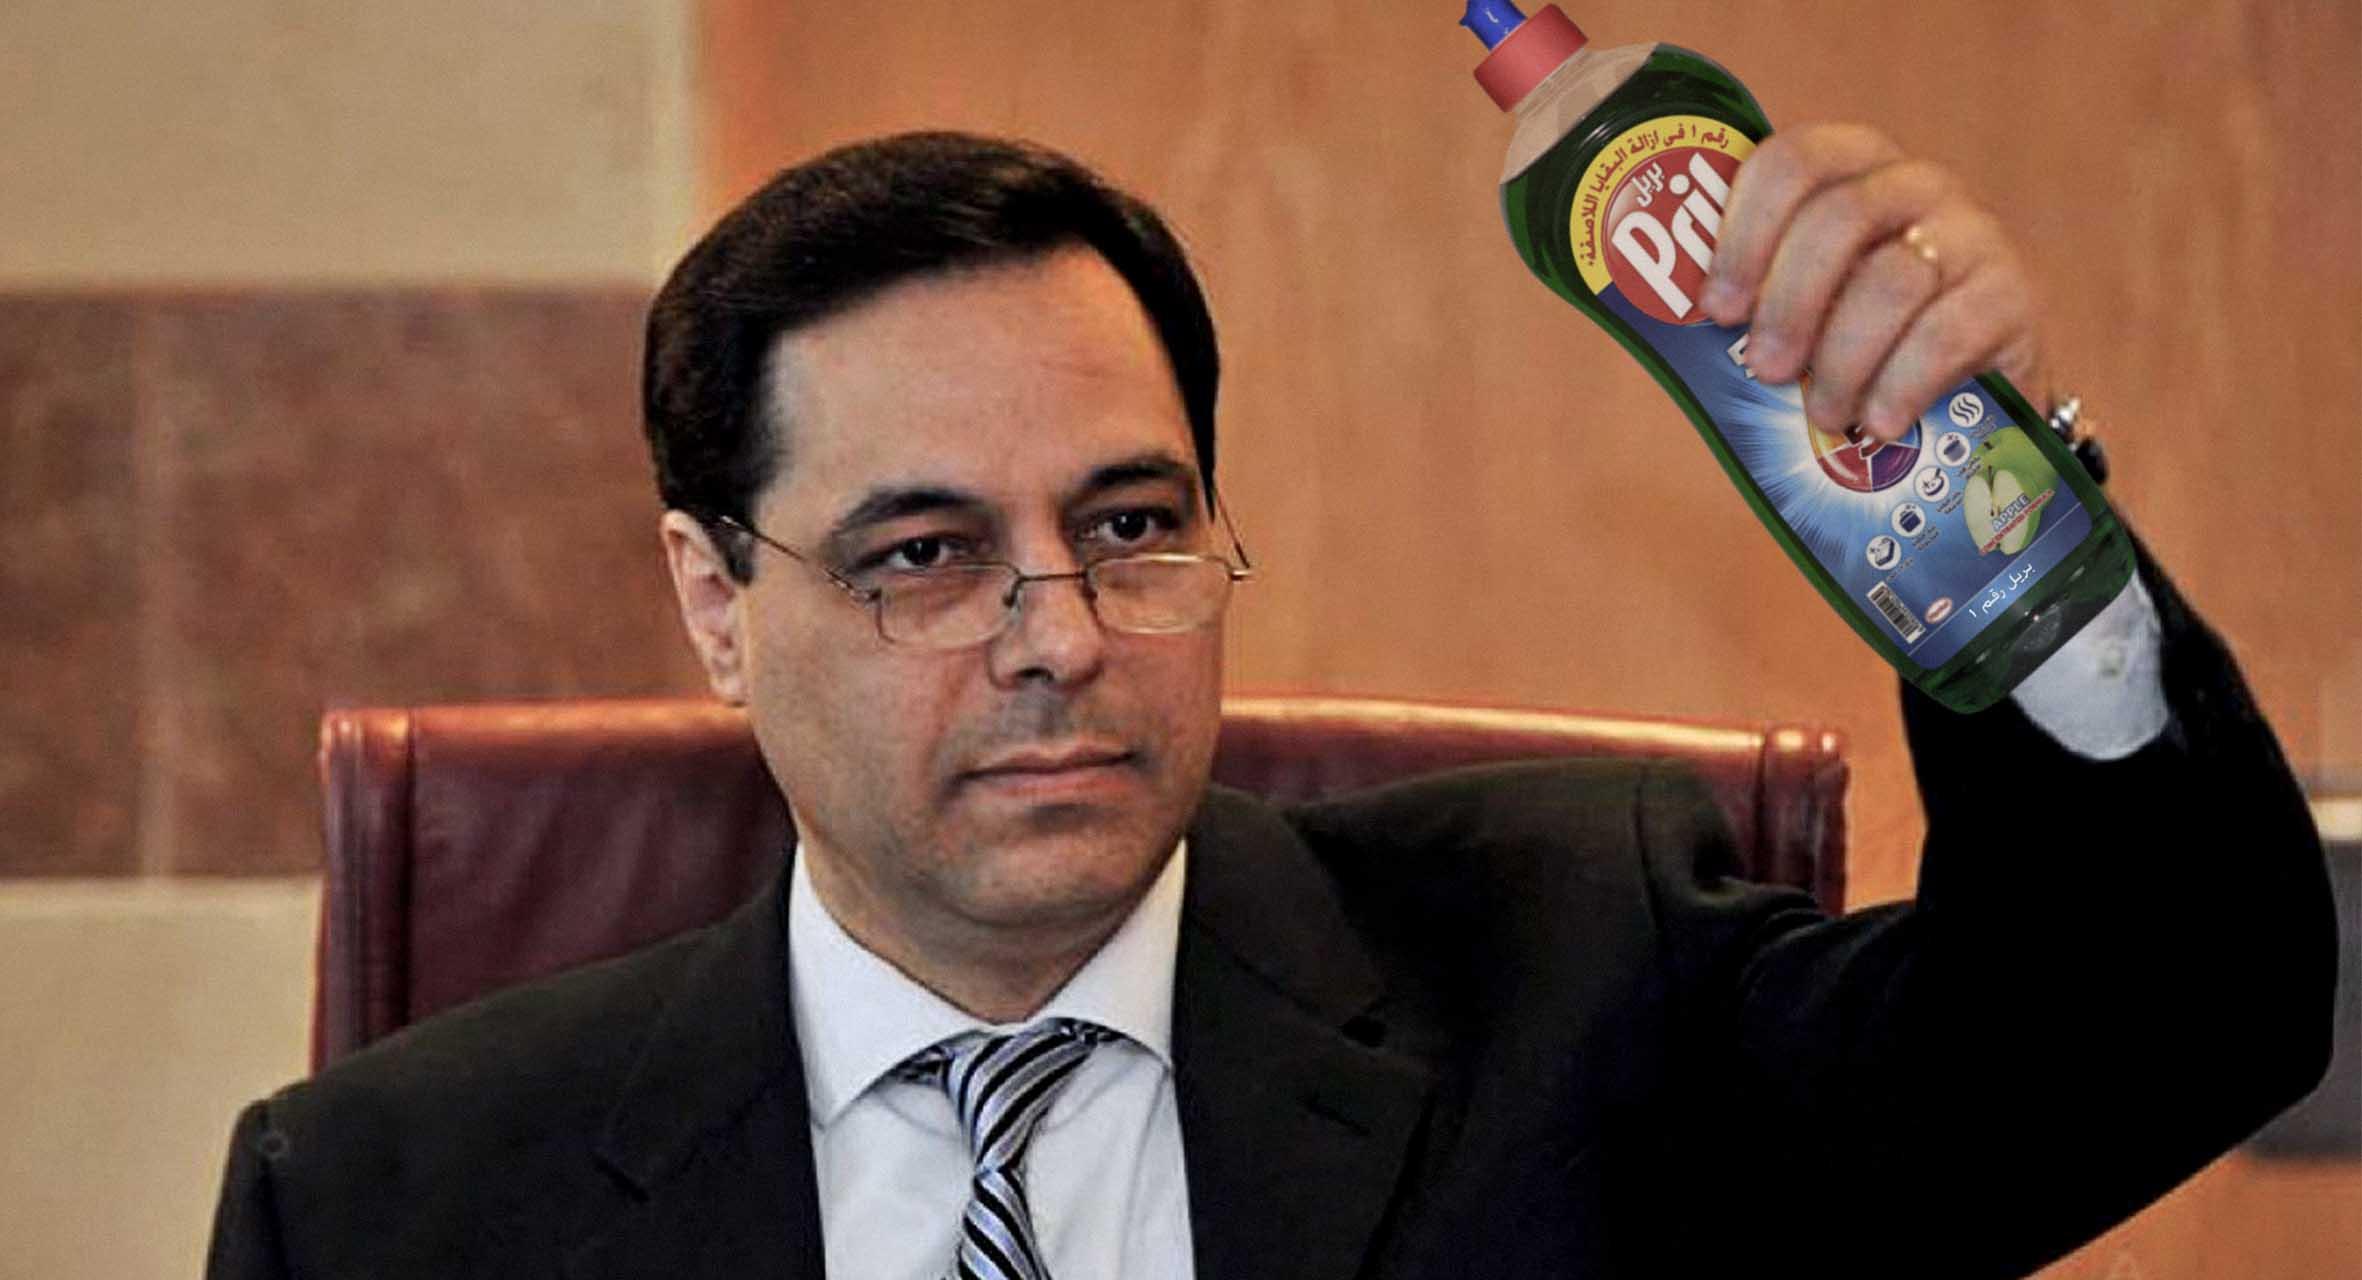 صورة حسَّان دياب يعرض على الدائنين إرسال اللبنانيين لجلي صحونهم كوسيلة لسداد الدين